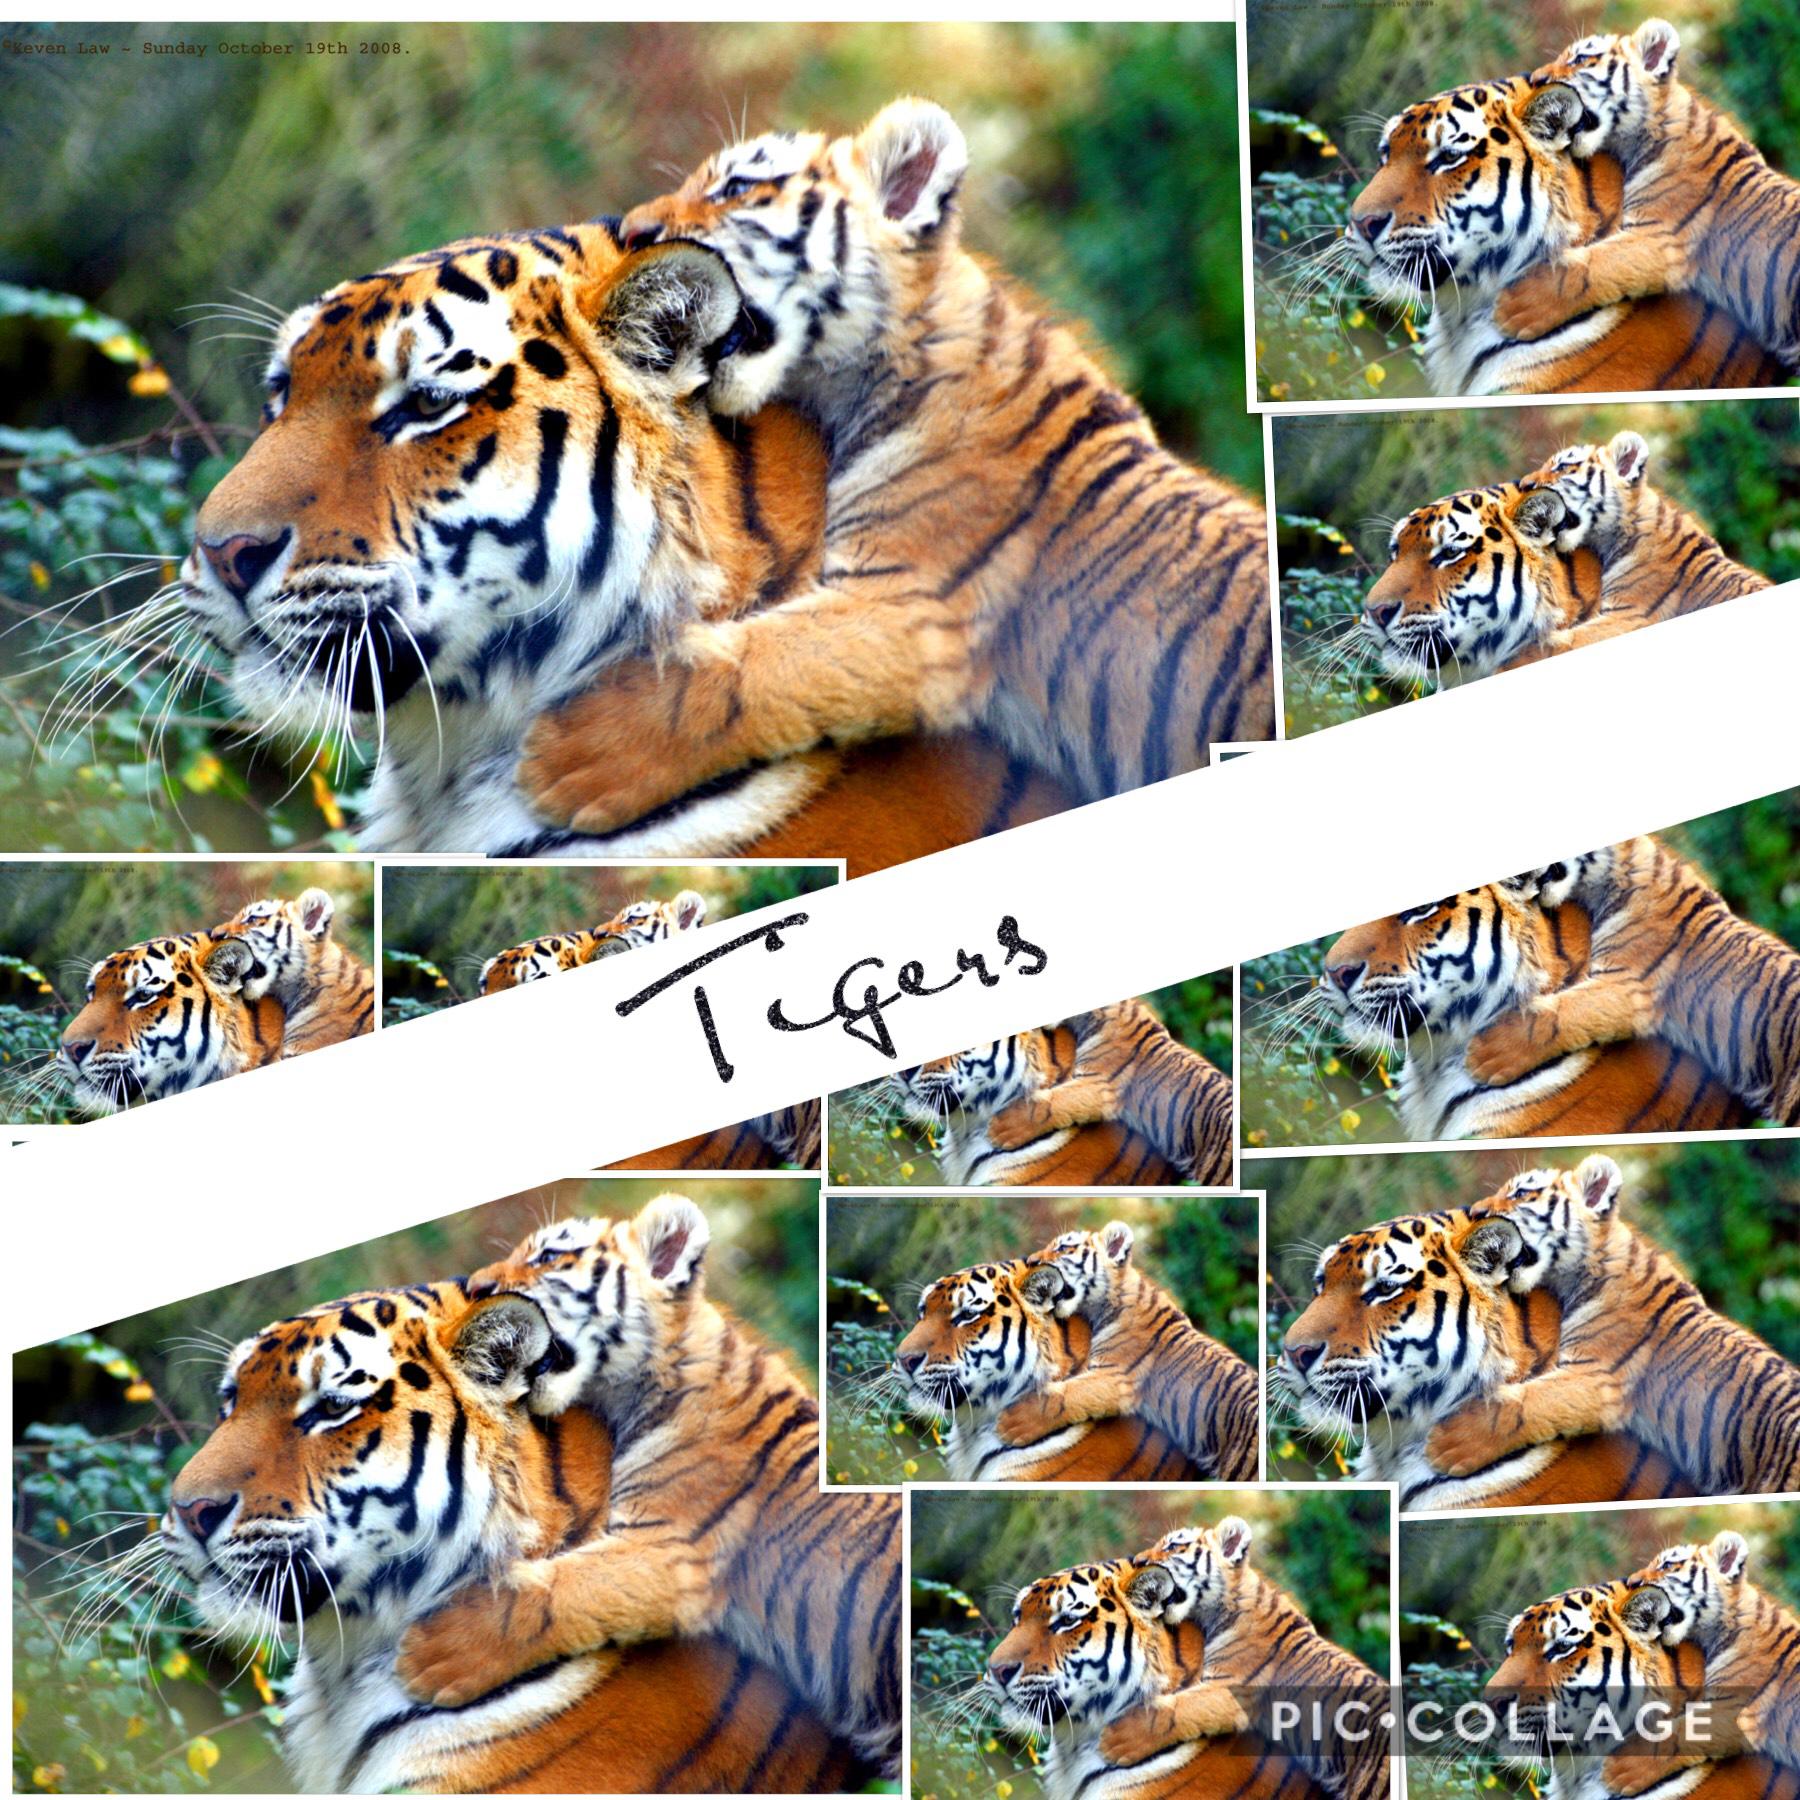 Tigers! 🐅